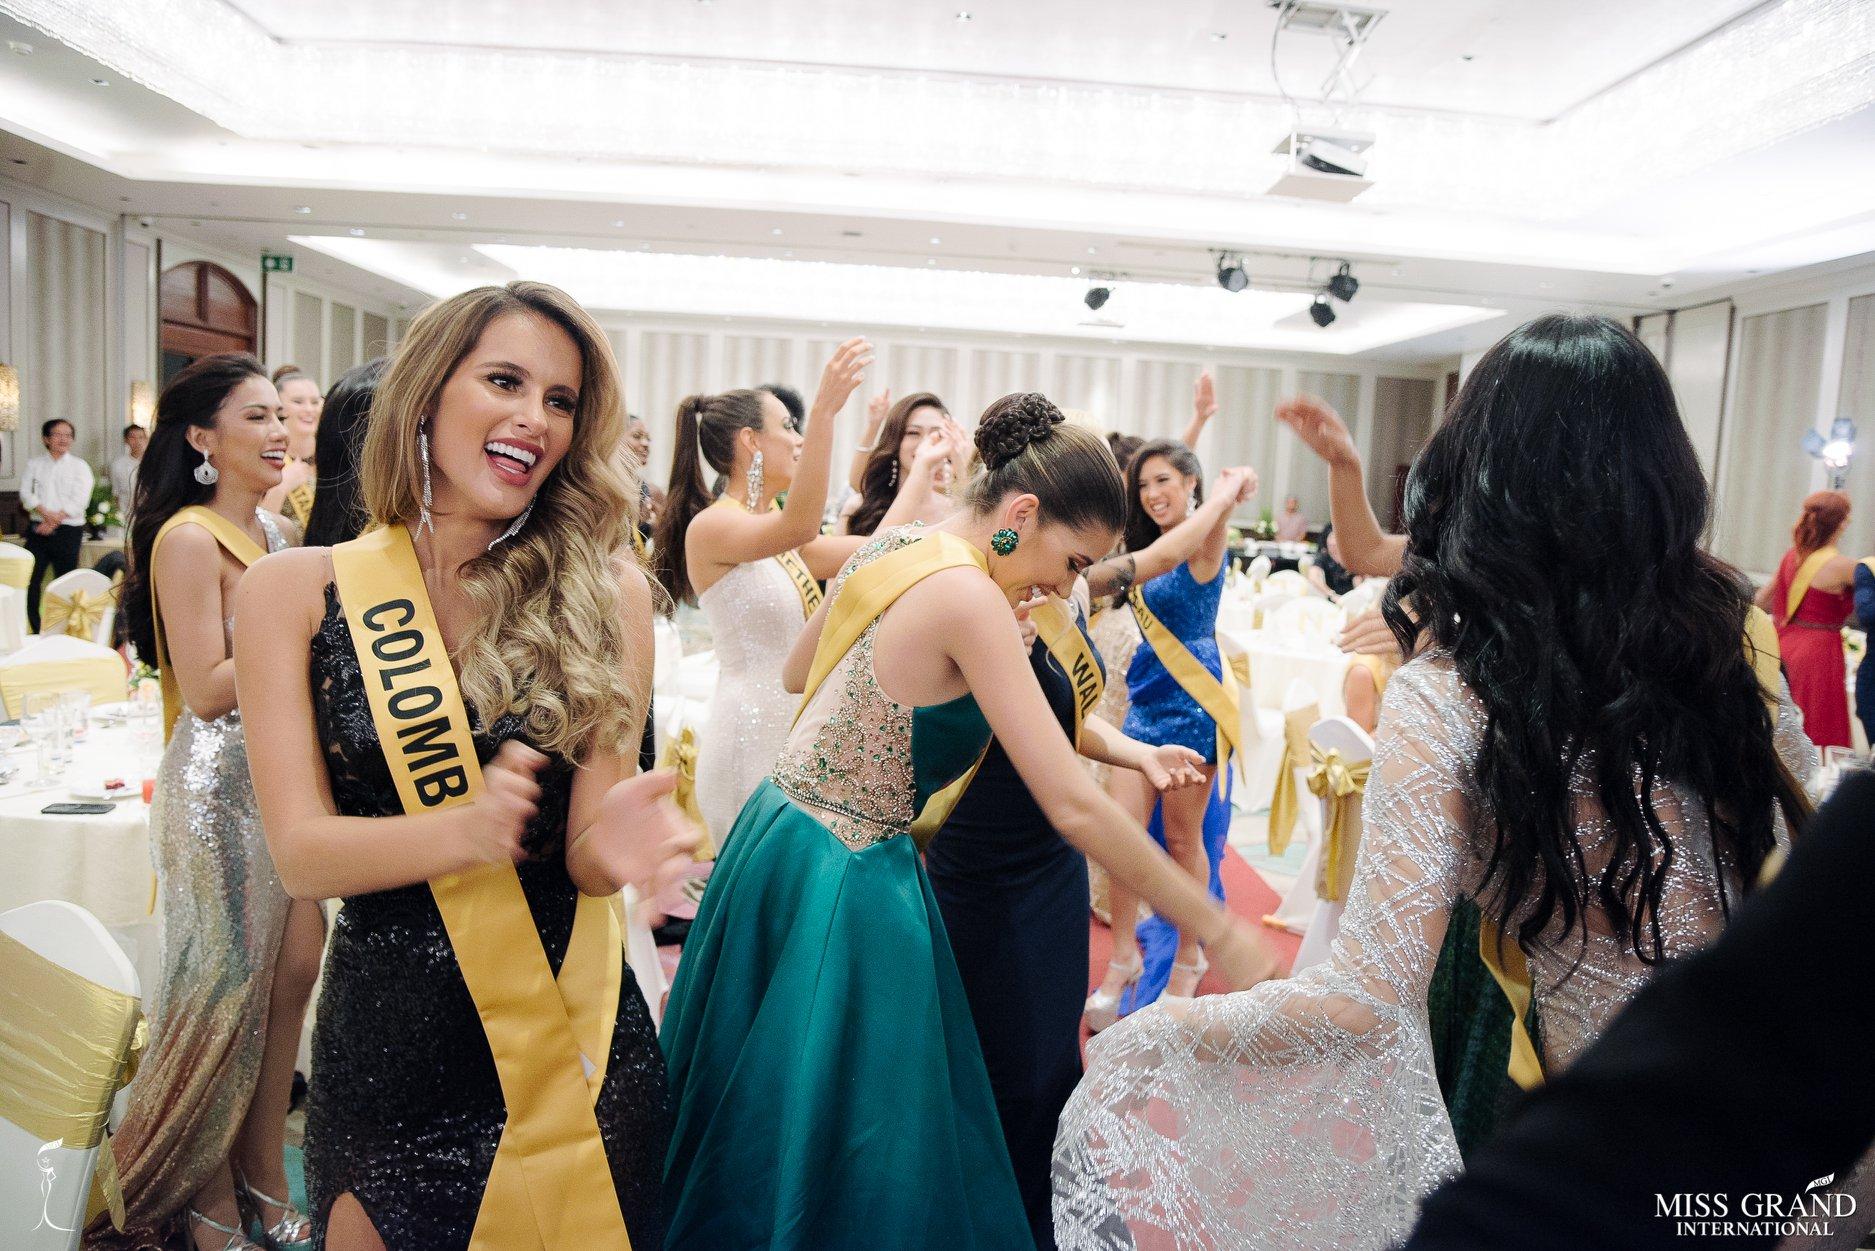 sheyla quizena, miss grand colombia 2018. - Página 4 Nqnib810